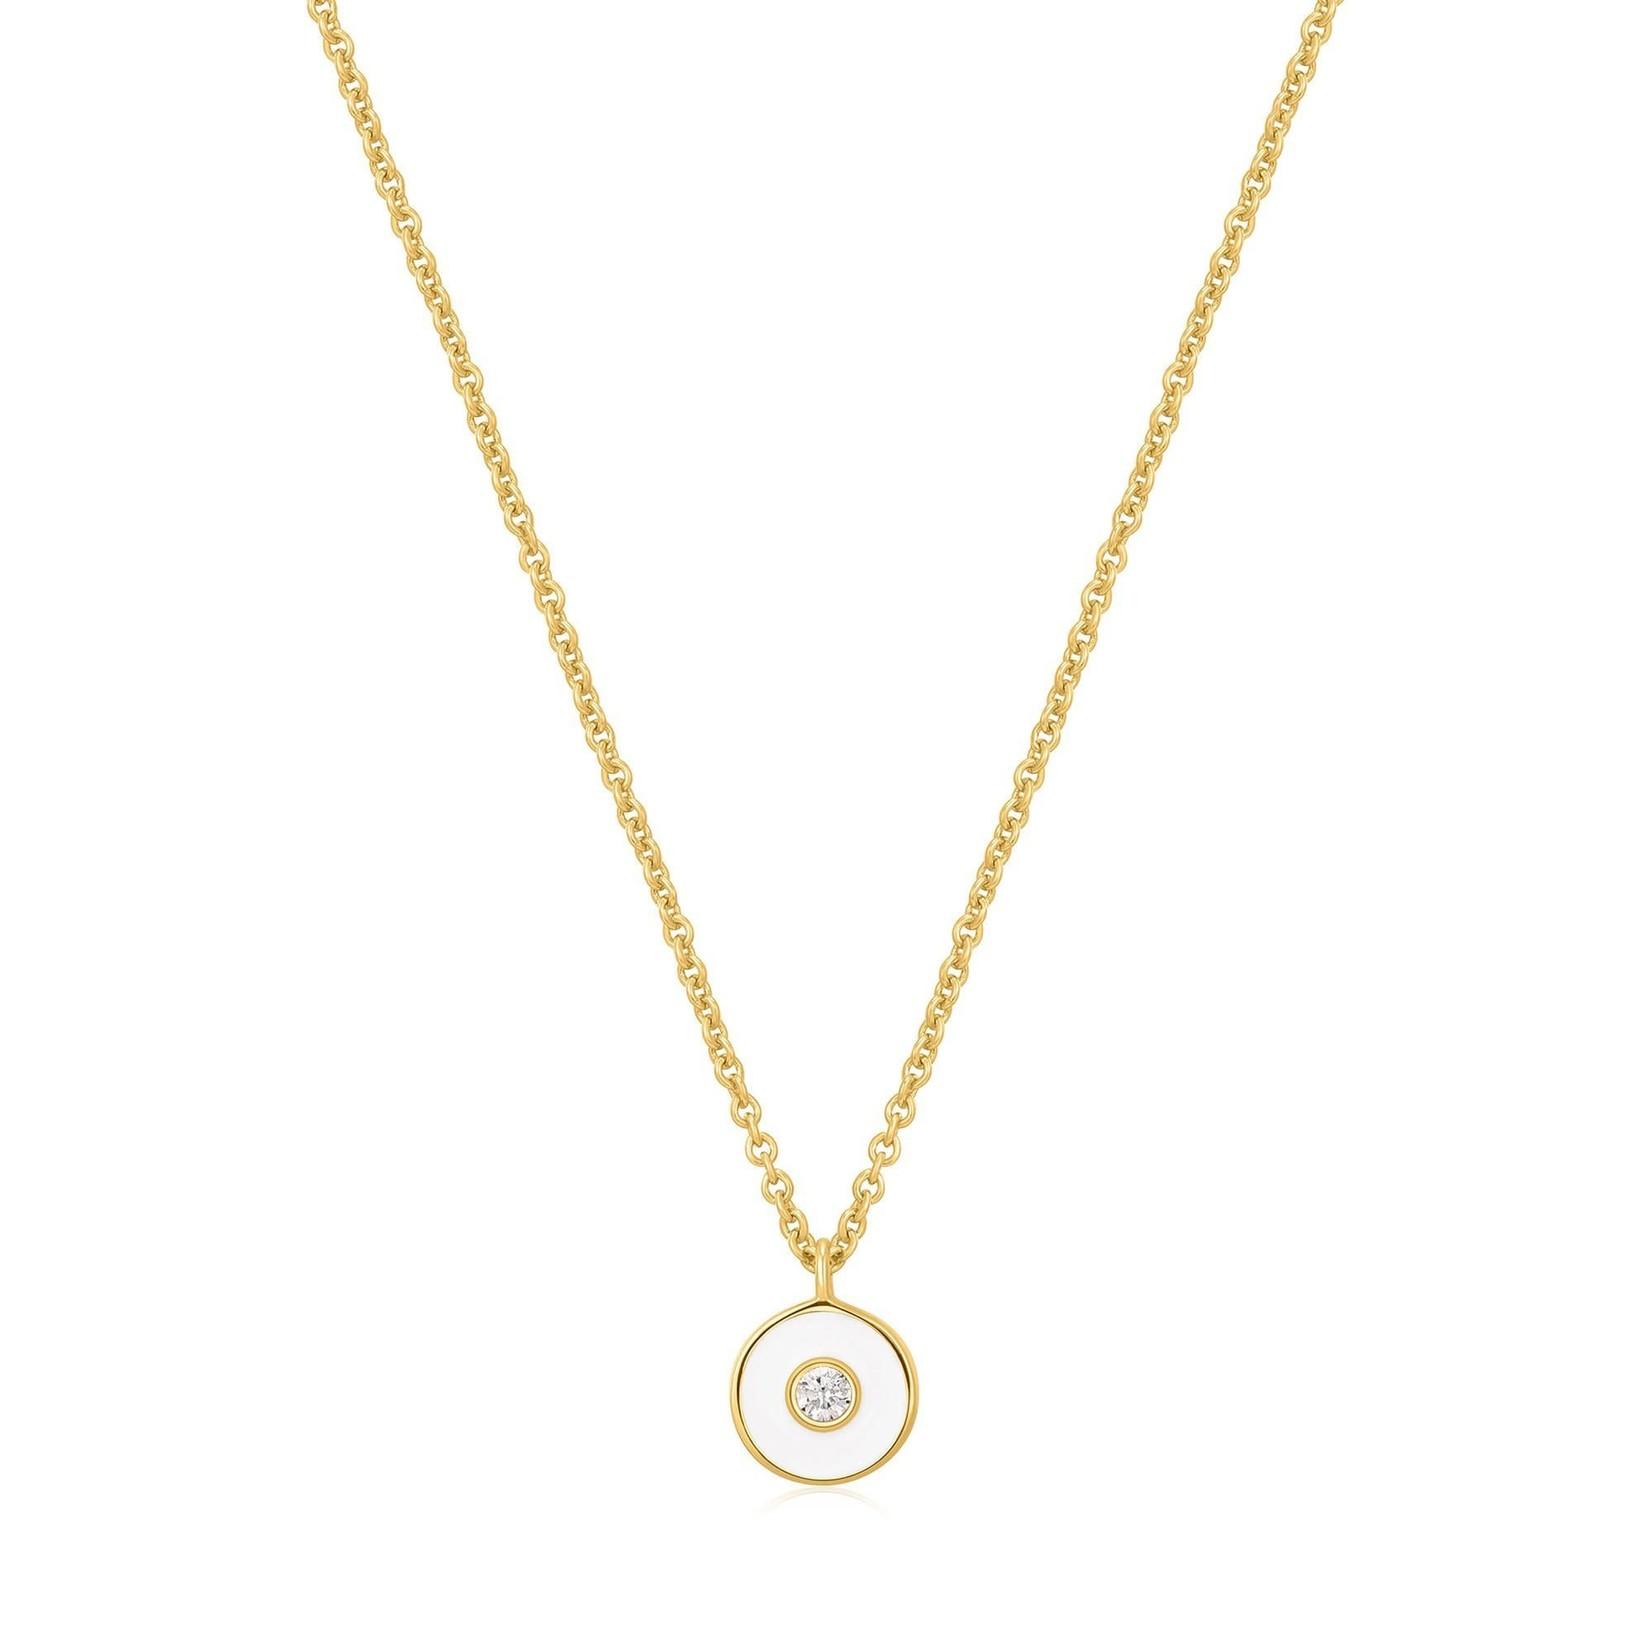 Ania Haie Optic White Enamel Disc Necklace